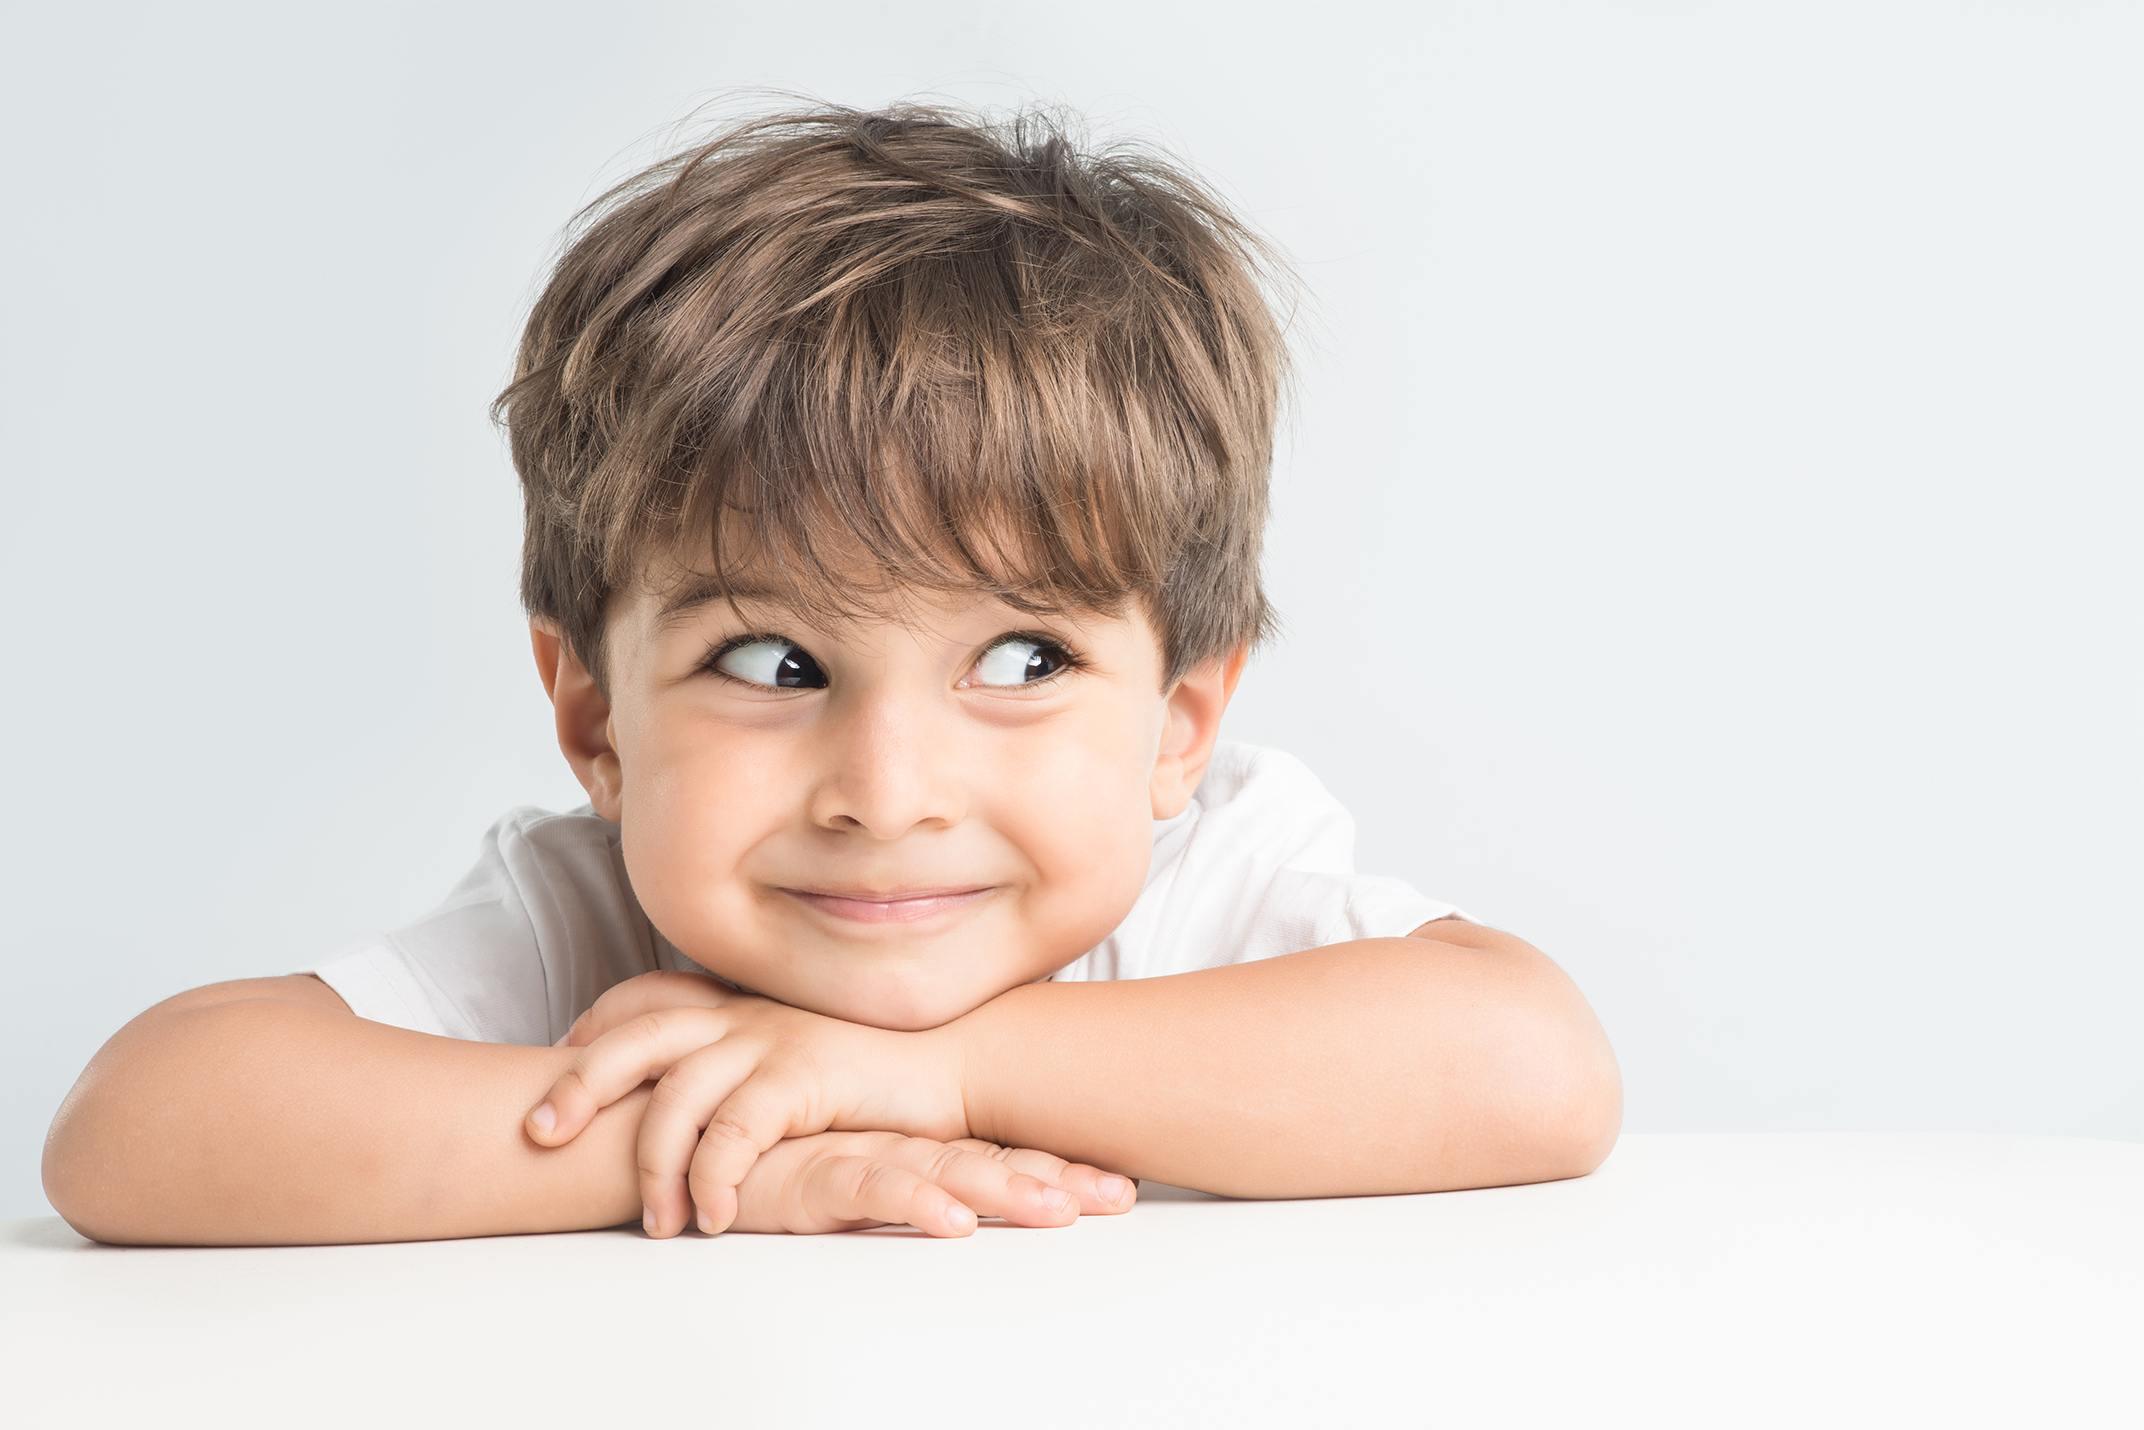 Amoxicilina Associada à Irrigação Nasal Promove Melhora dos Sintomas da Sinusite Aguda em Crianças